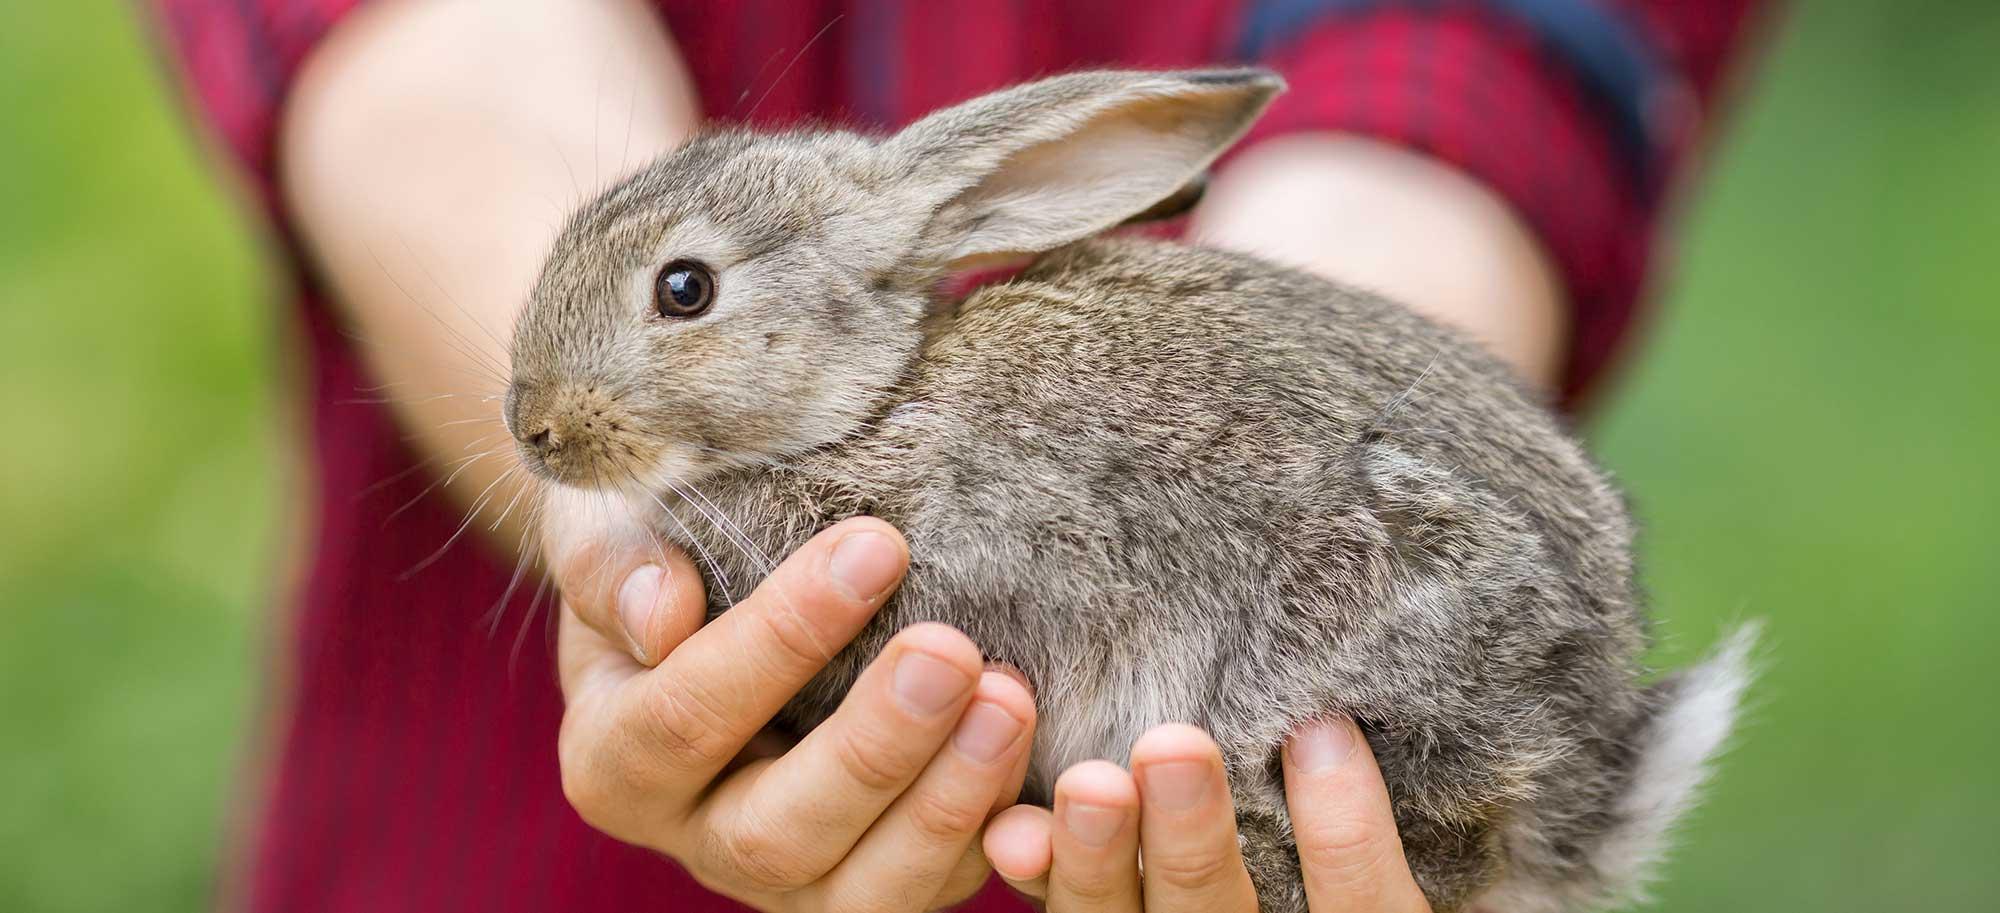 L'éducation à l'éthique animale à l'école, la défense des animaux en classe